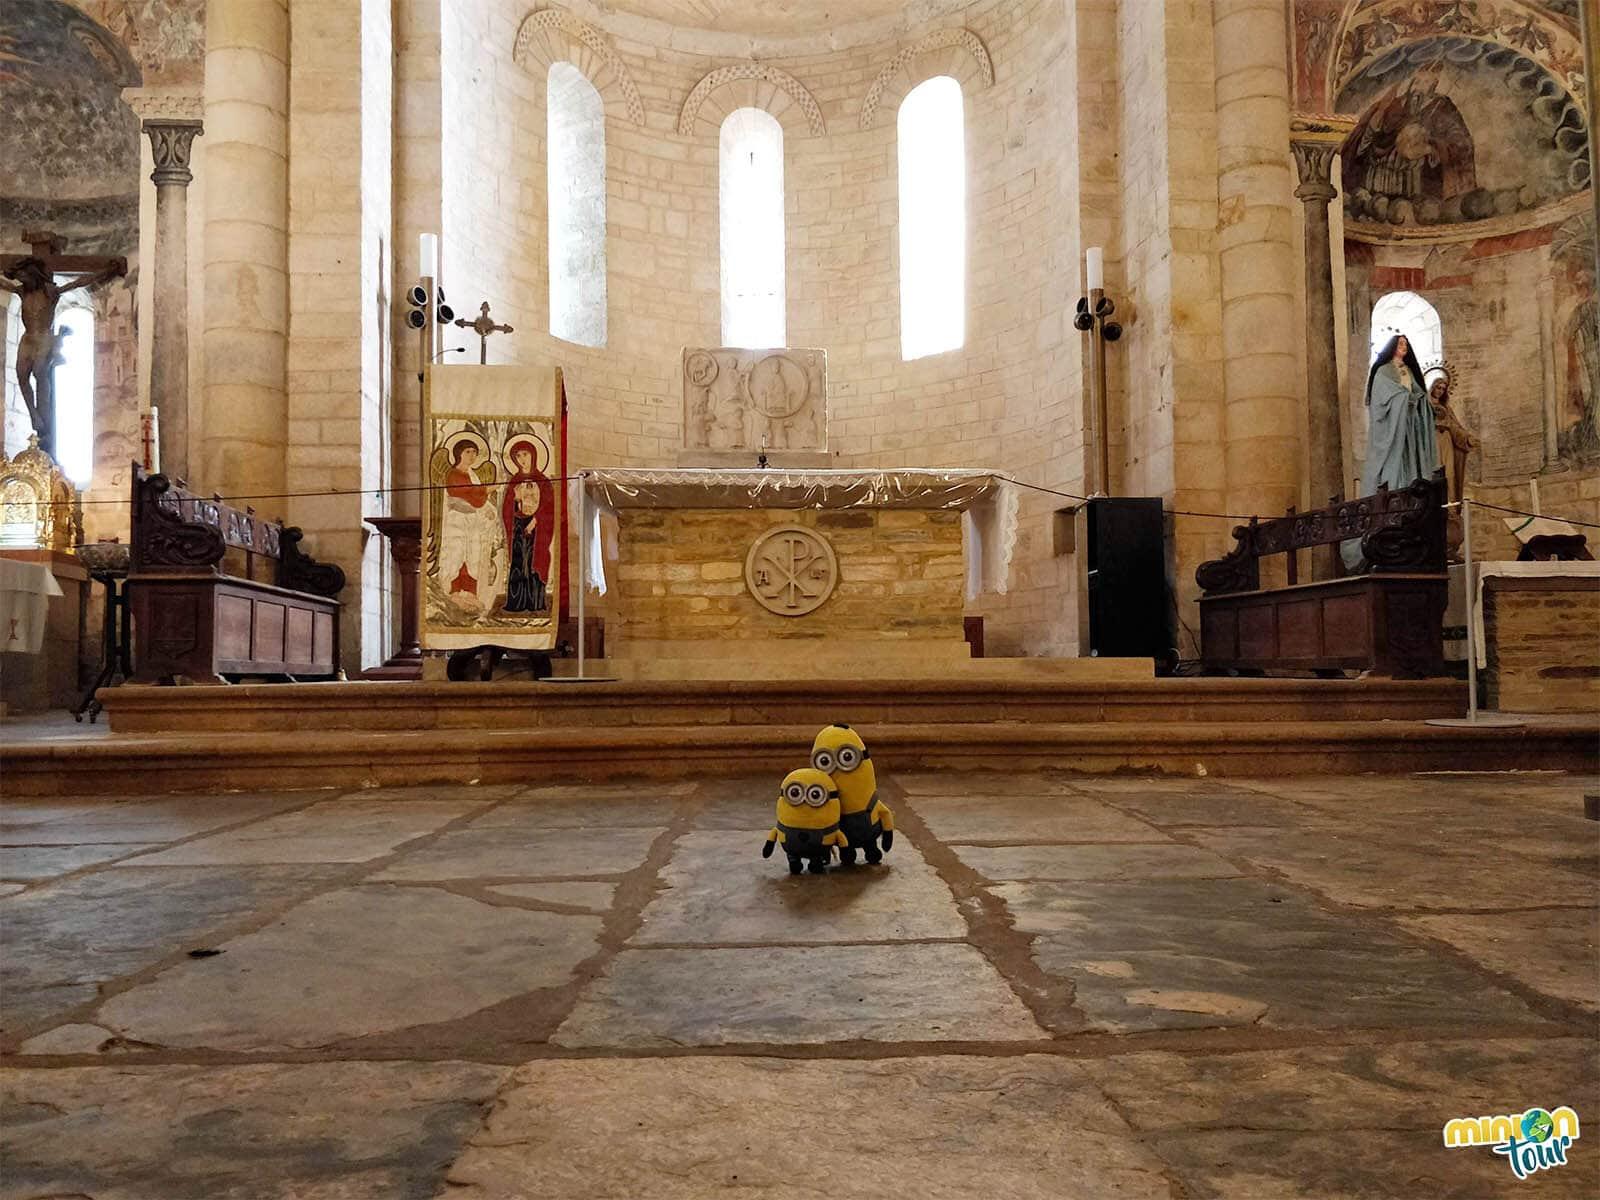 Estamos leyendo la lección del retablo del altar de San Martín de Mondoñedo